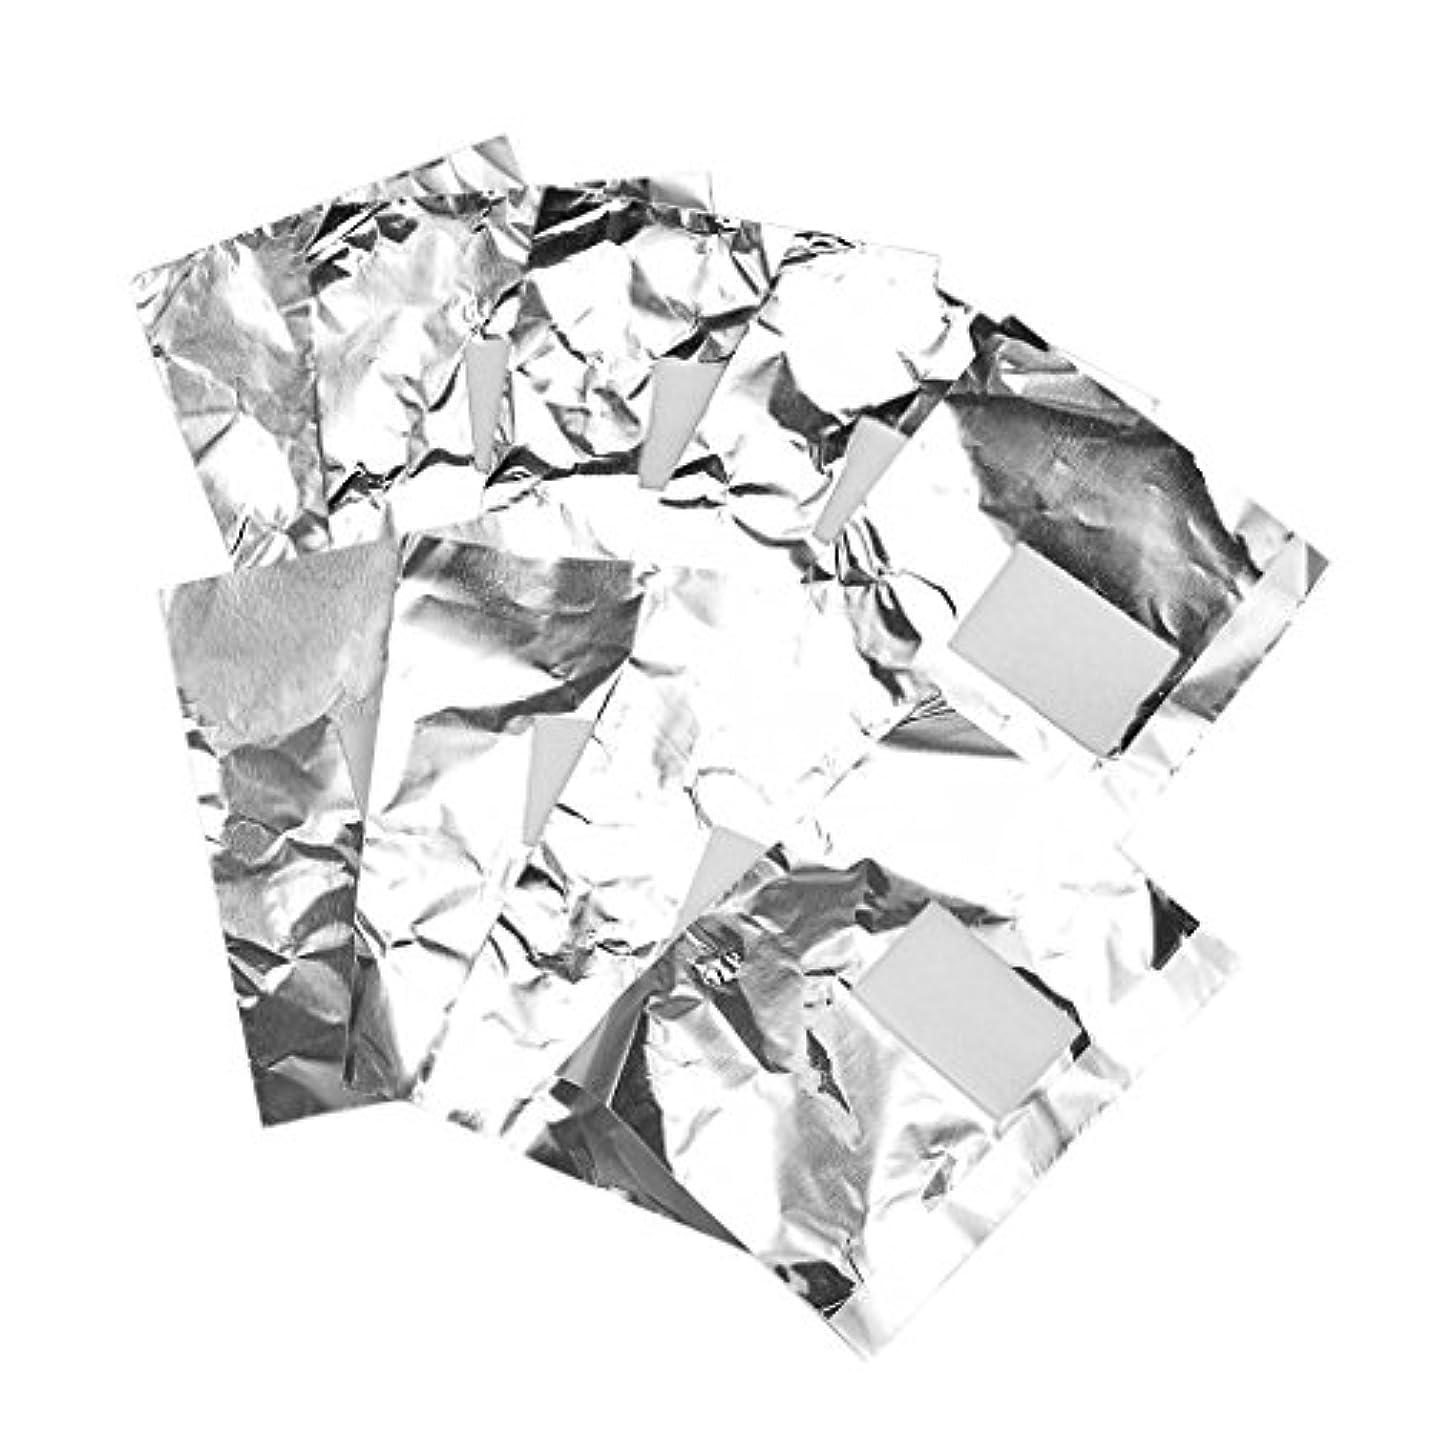 耐えられる授業料ポーターKesoto 約100枚 ジェル除却 ネイルアート ネイル装飾除き 錫箔紙 ネイルオイル 包み紙 クリーナーツール